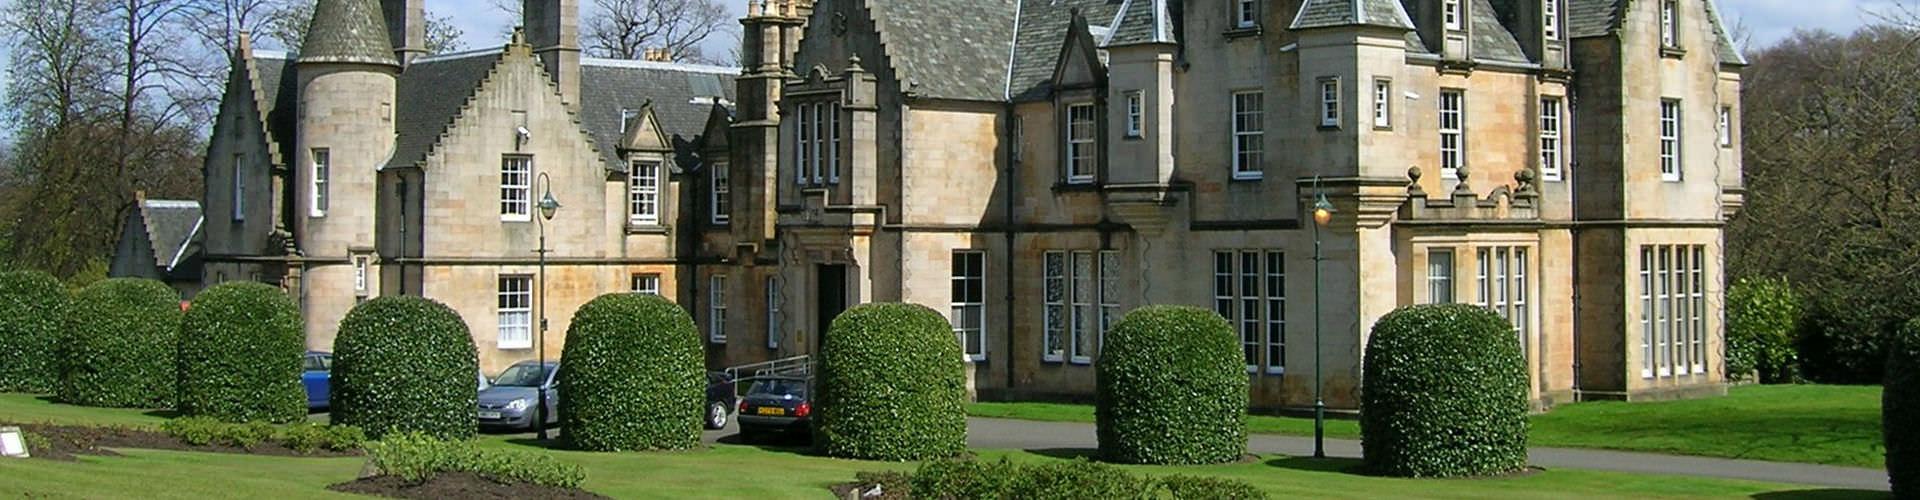 Edimbourg - Hôtels dans le quartier de Tollcross. Cartes pour Edimbourg, photos et commentaires pour chaque hôtel à Edimbourg.